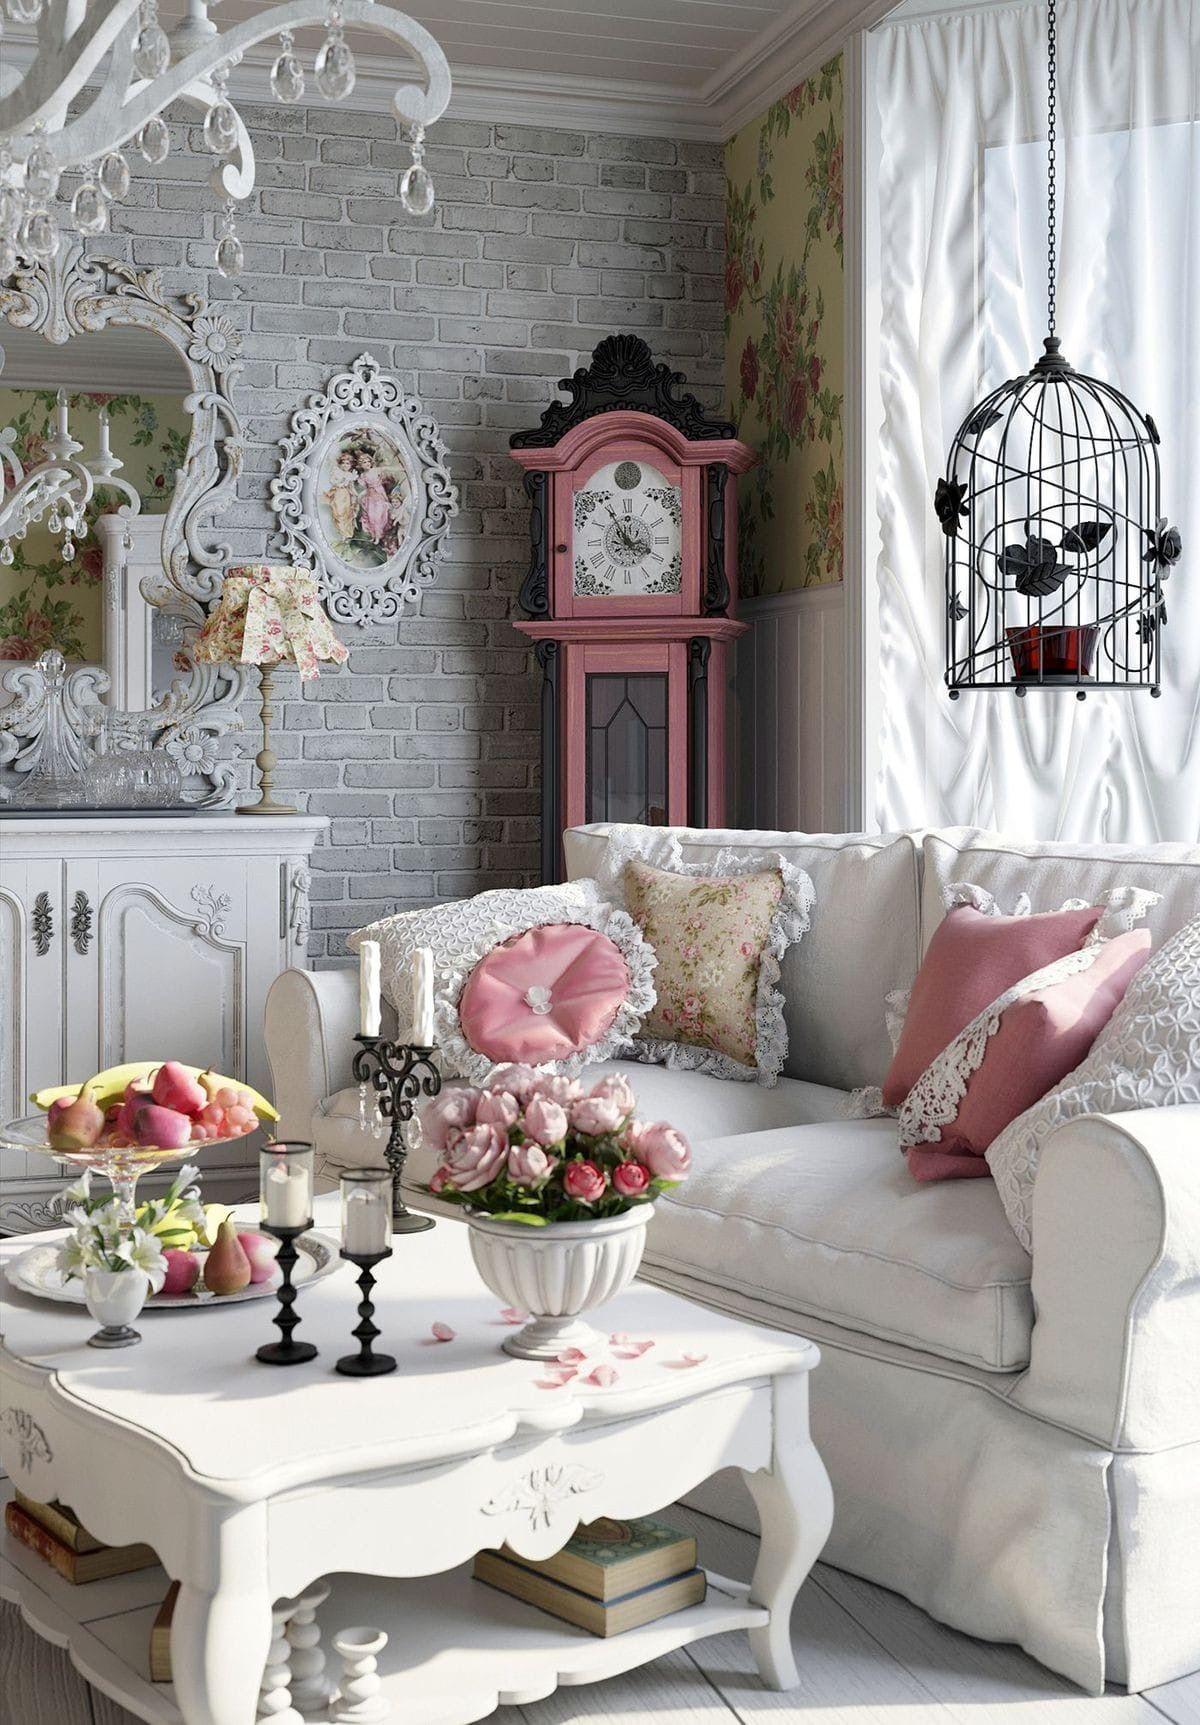 Living Room Shabby Chic Room Shabby Chic Decor Living Room Shabby Chic Wall Decor #shabby #chic #curtains #for #living #room